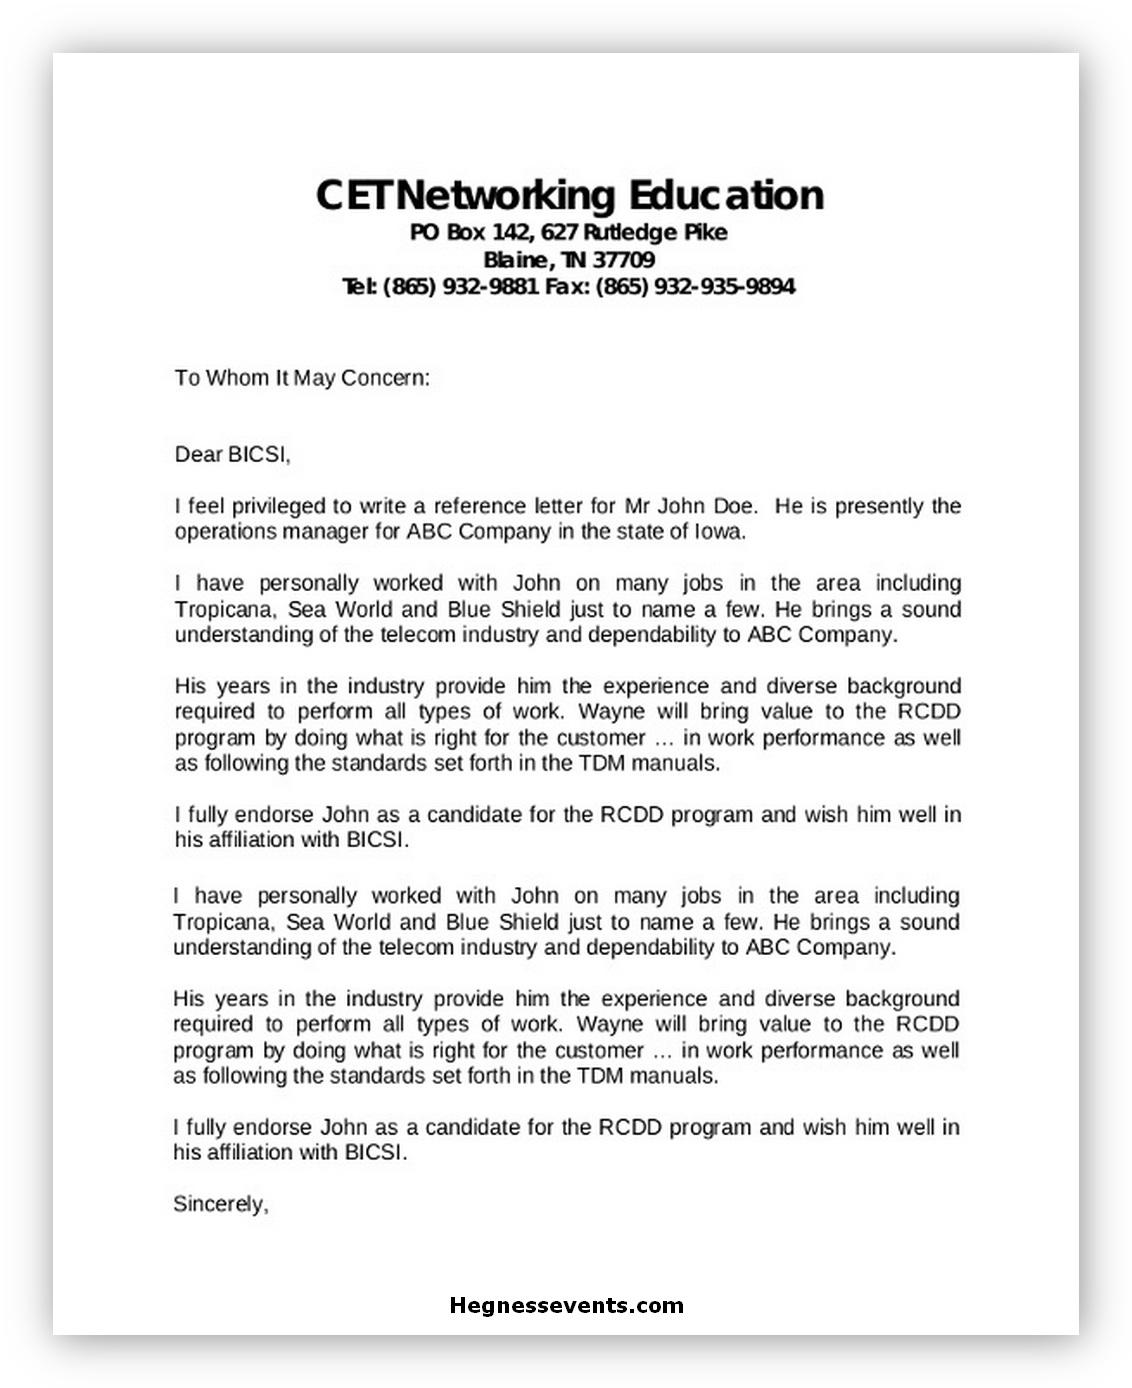 Sample Job Reference Letter